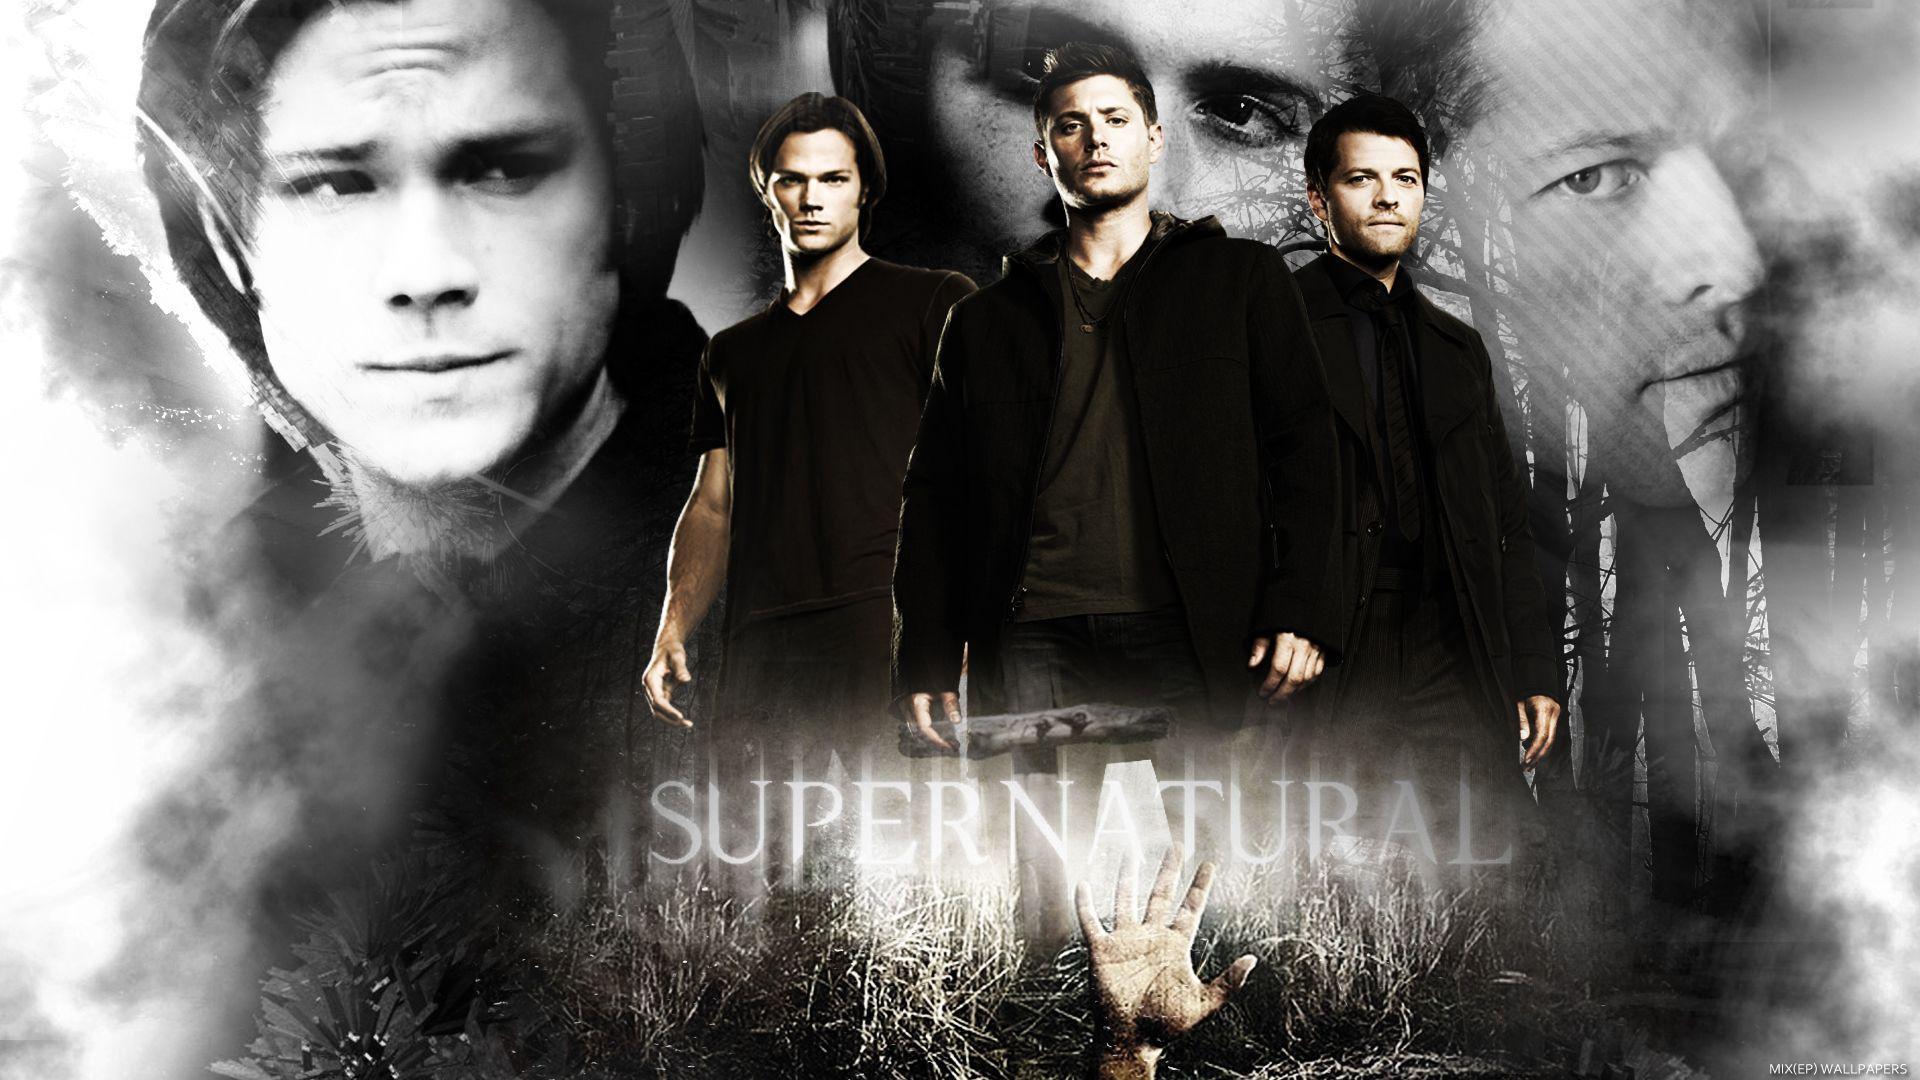 Supernatural season 5 wallpapers wallpaper cave images for supernatural season 9 wallpaper hd voltagebd Gallery